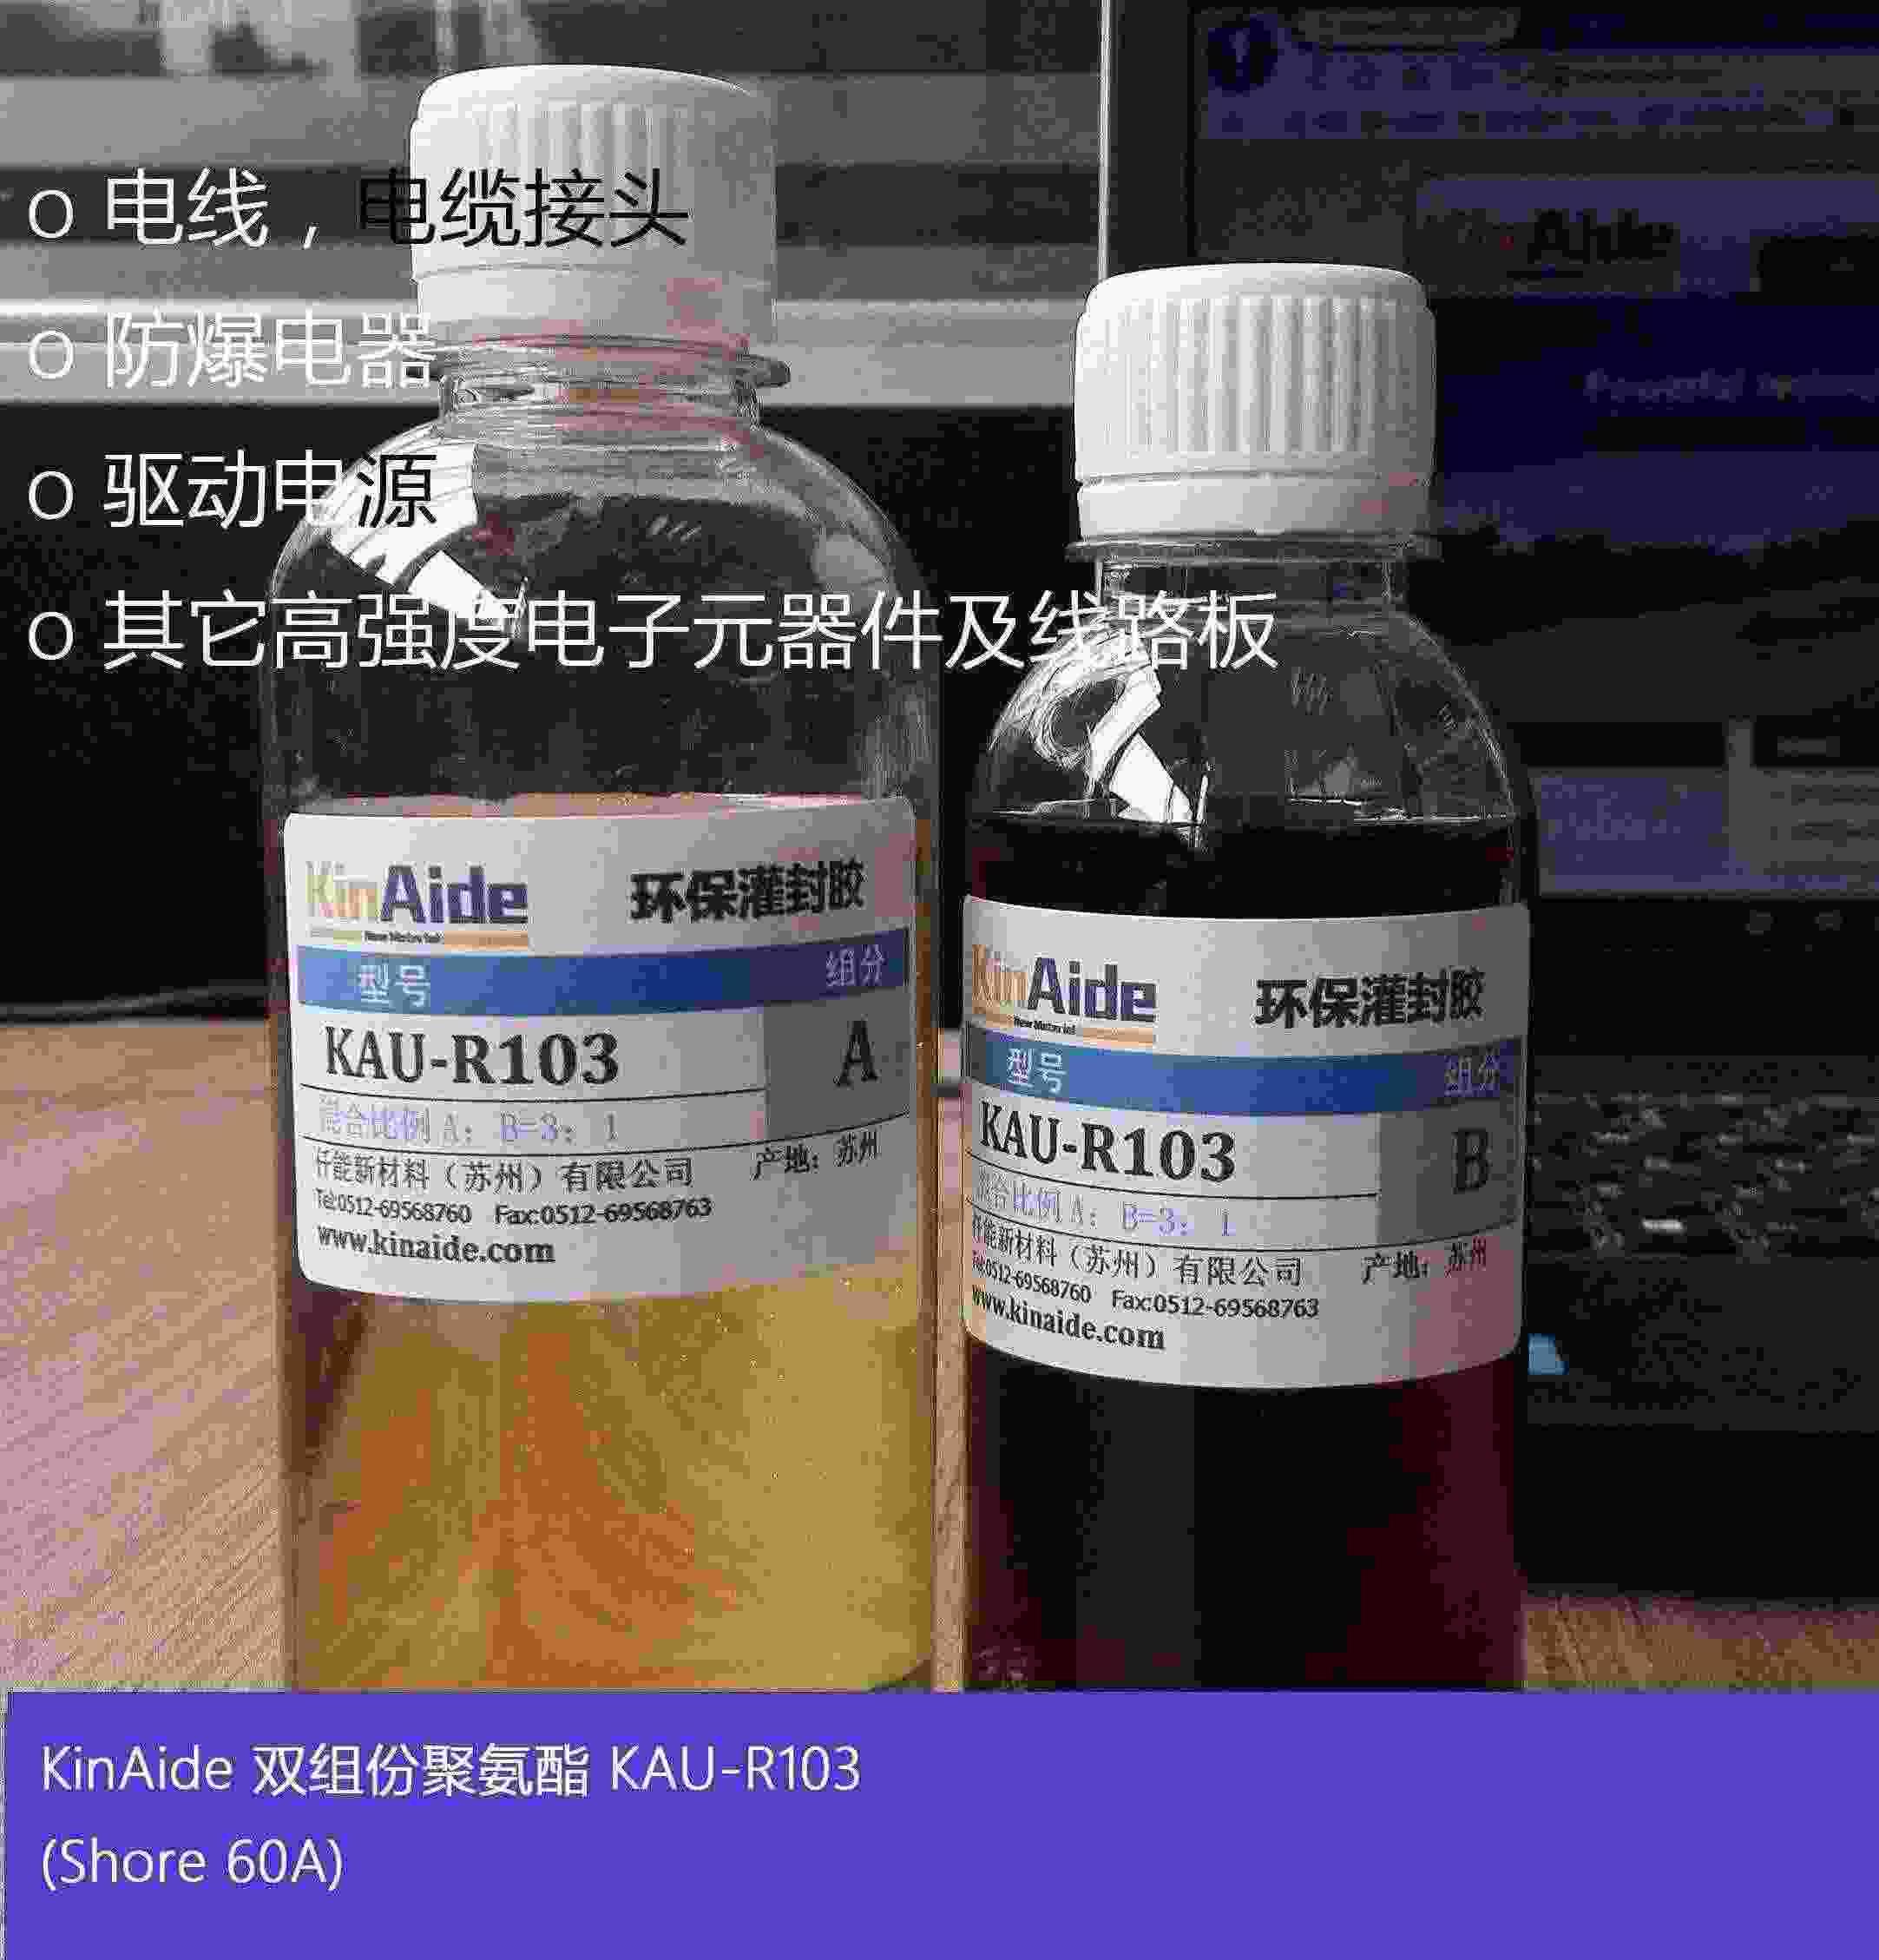 仟能供应KAU-R103双组份聚氨酯环保密封胶